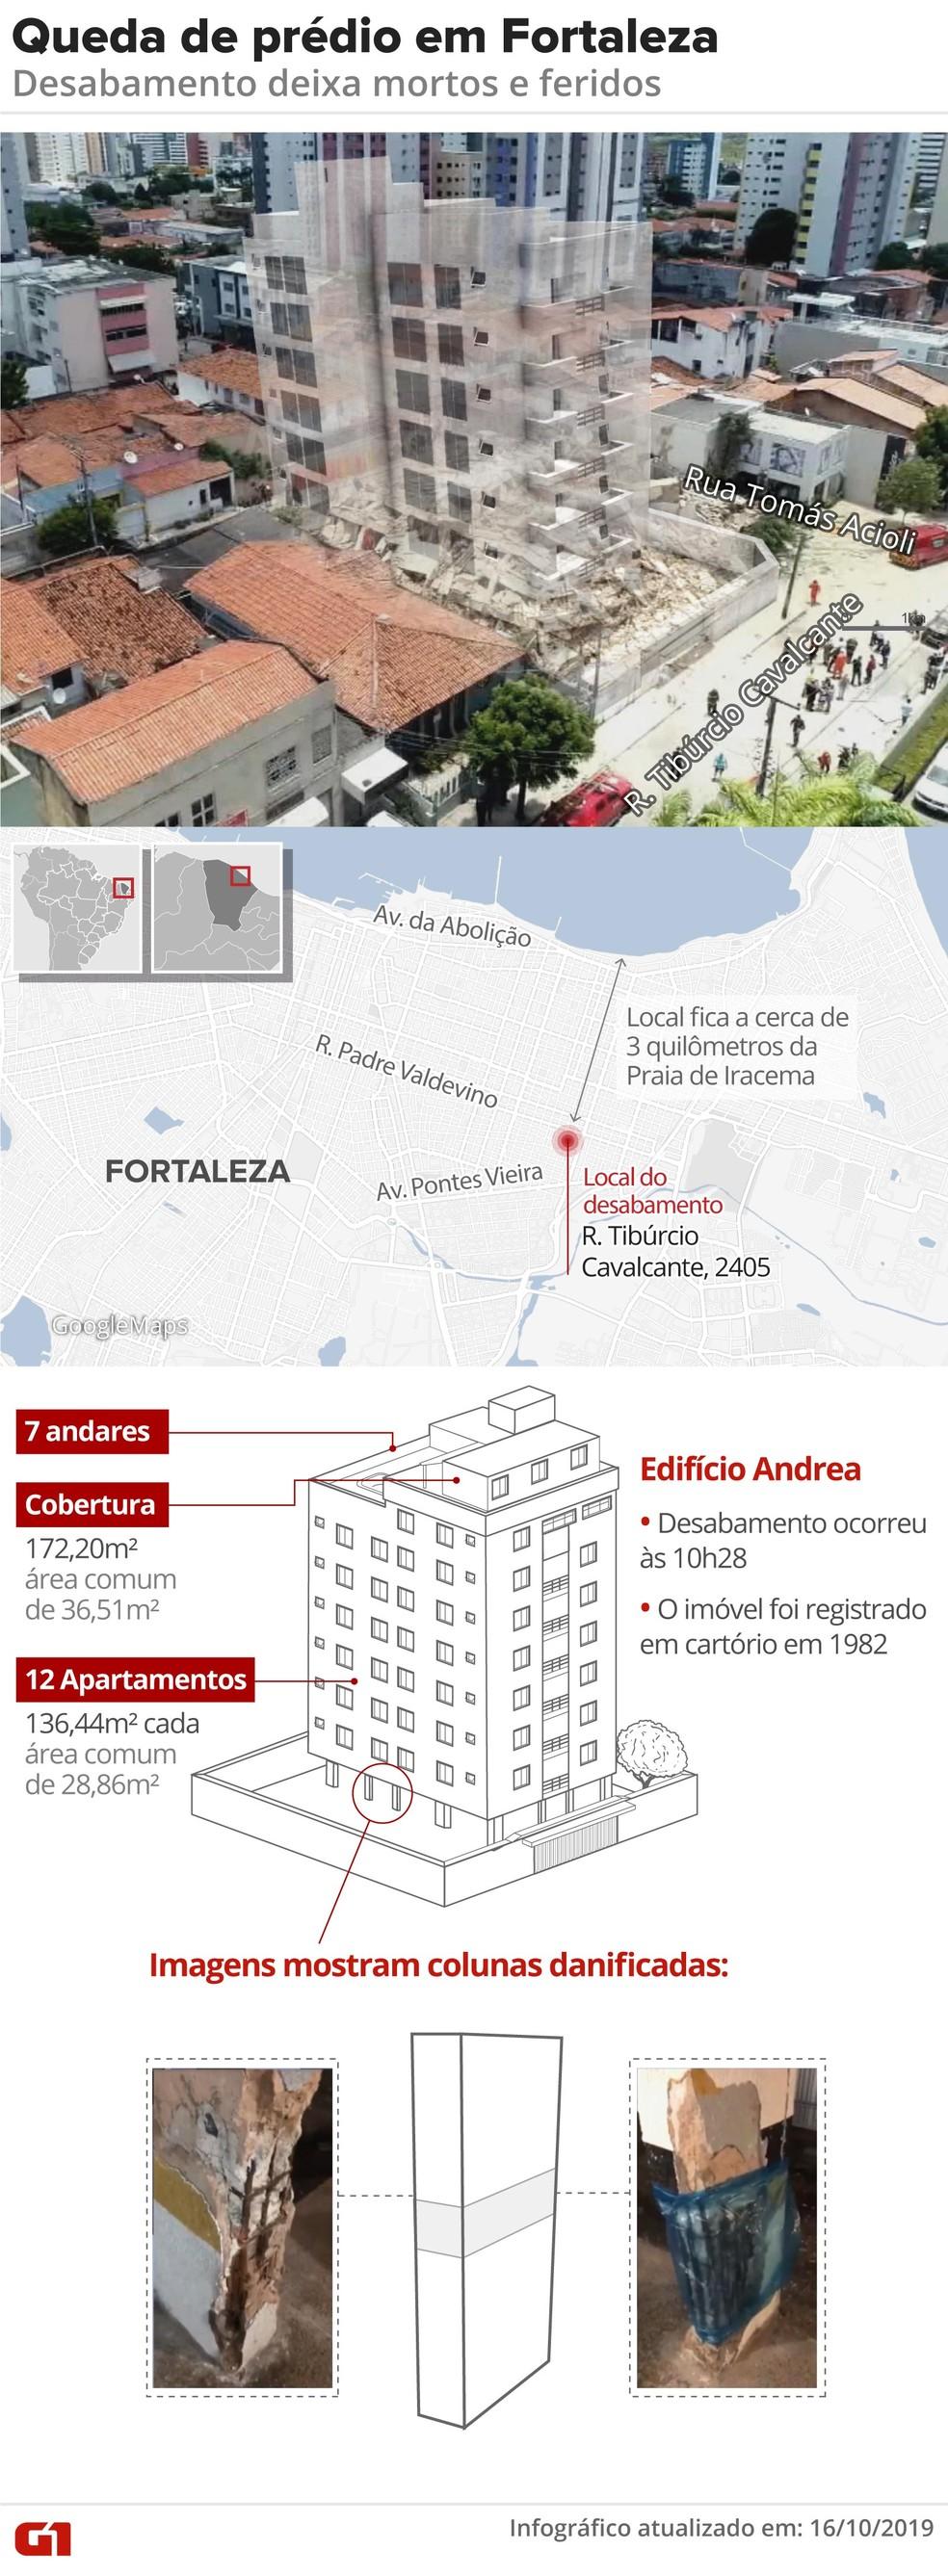 Mapa mostra localização do Edifício Andrea, em Fortaleza, e descrição dos apartamentos — Foto: Arte/G1